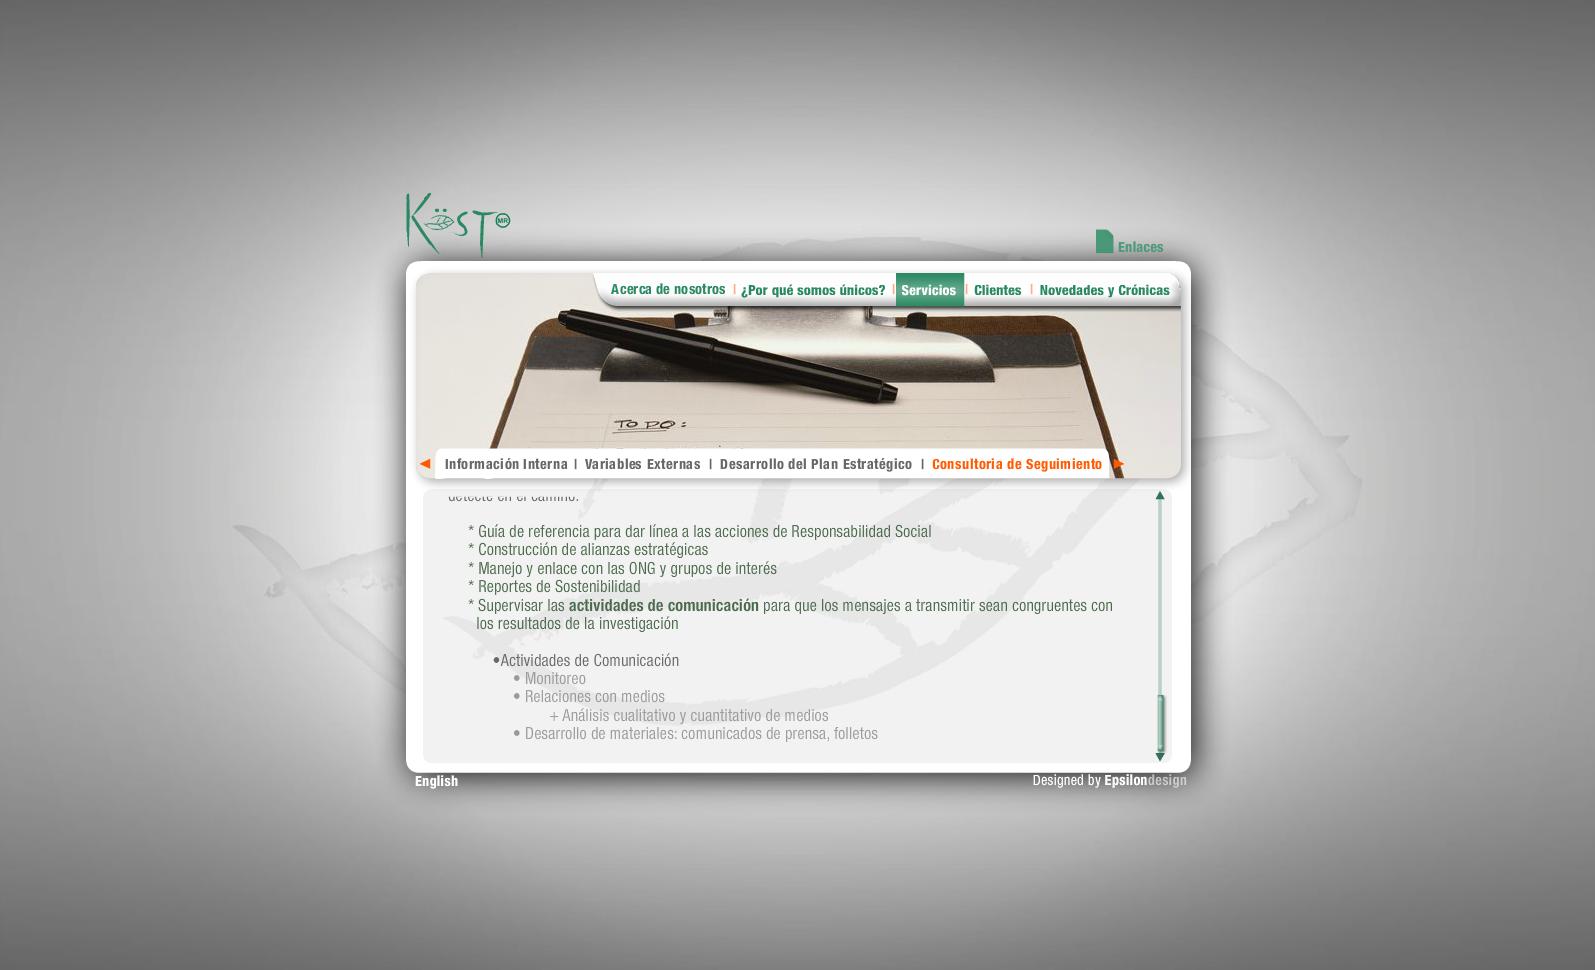 Verde Kost - Servicios (Consultoria de seguimiento 2)